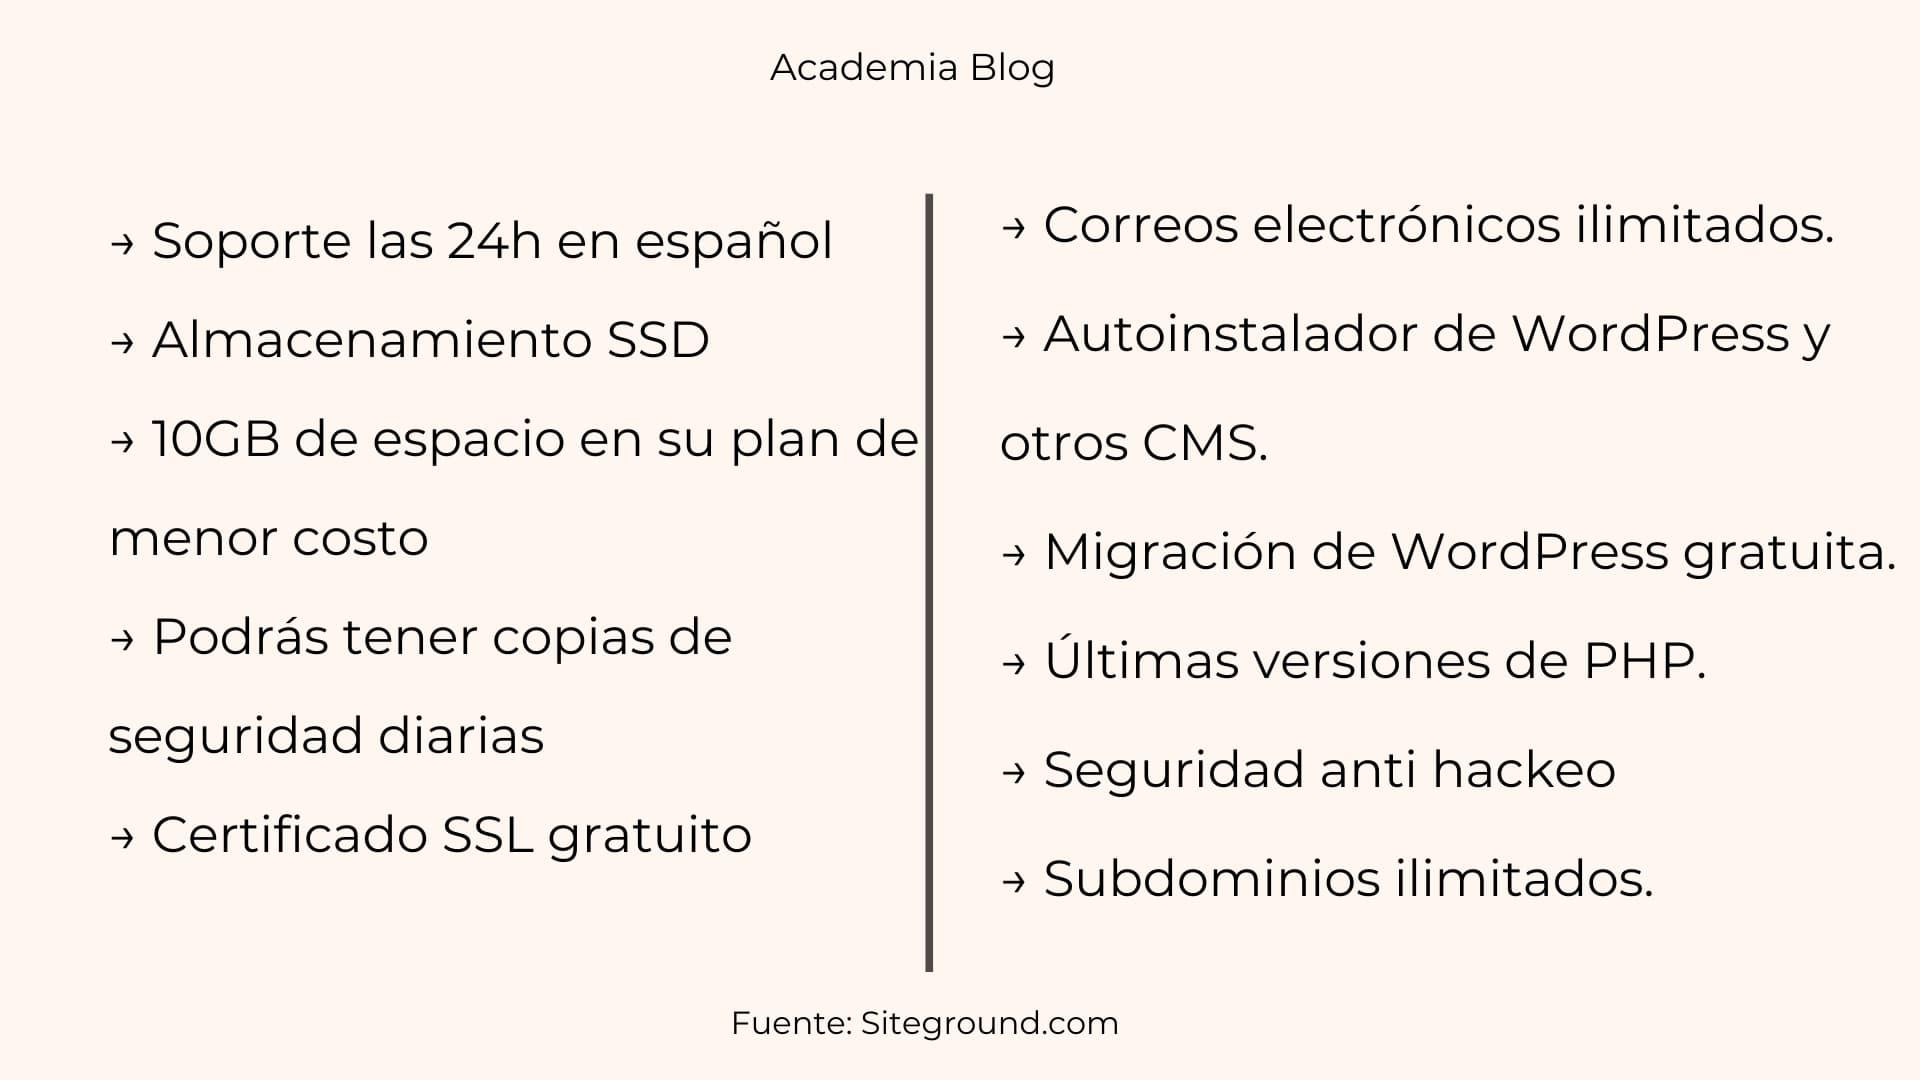 razones para usar siteground como hosting web